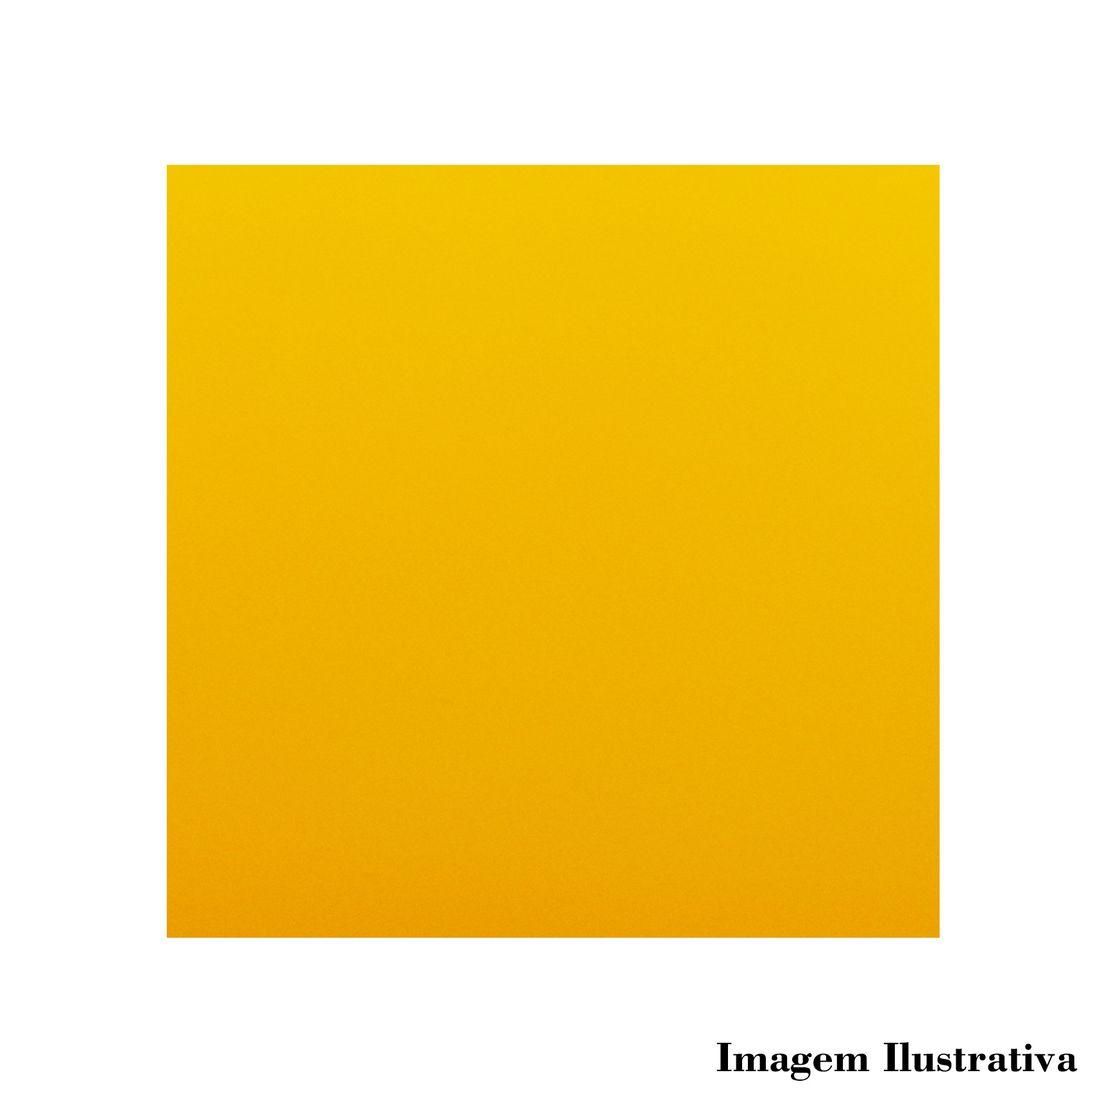 Caixa-Para-Mini-Vinho-Com-2-Divisorias-24x24x8-Mdf-Pintado